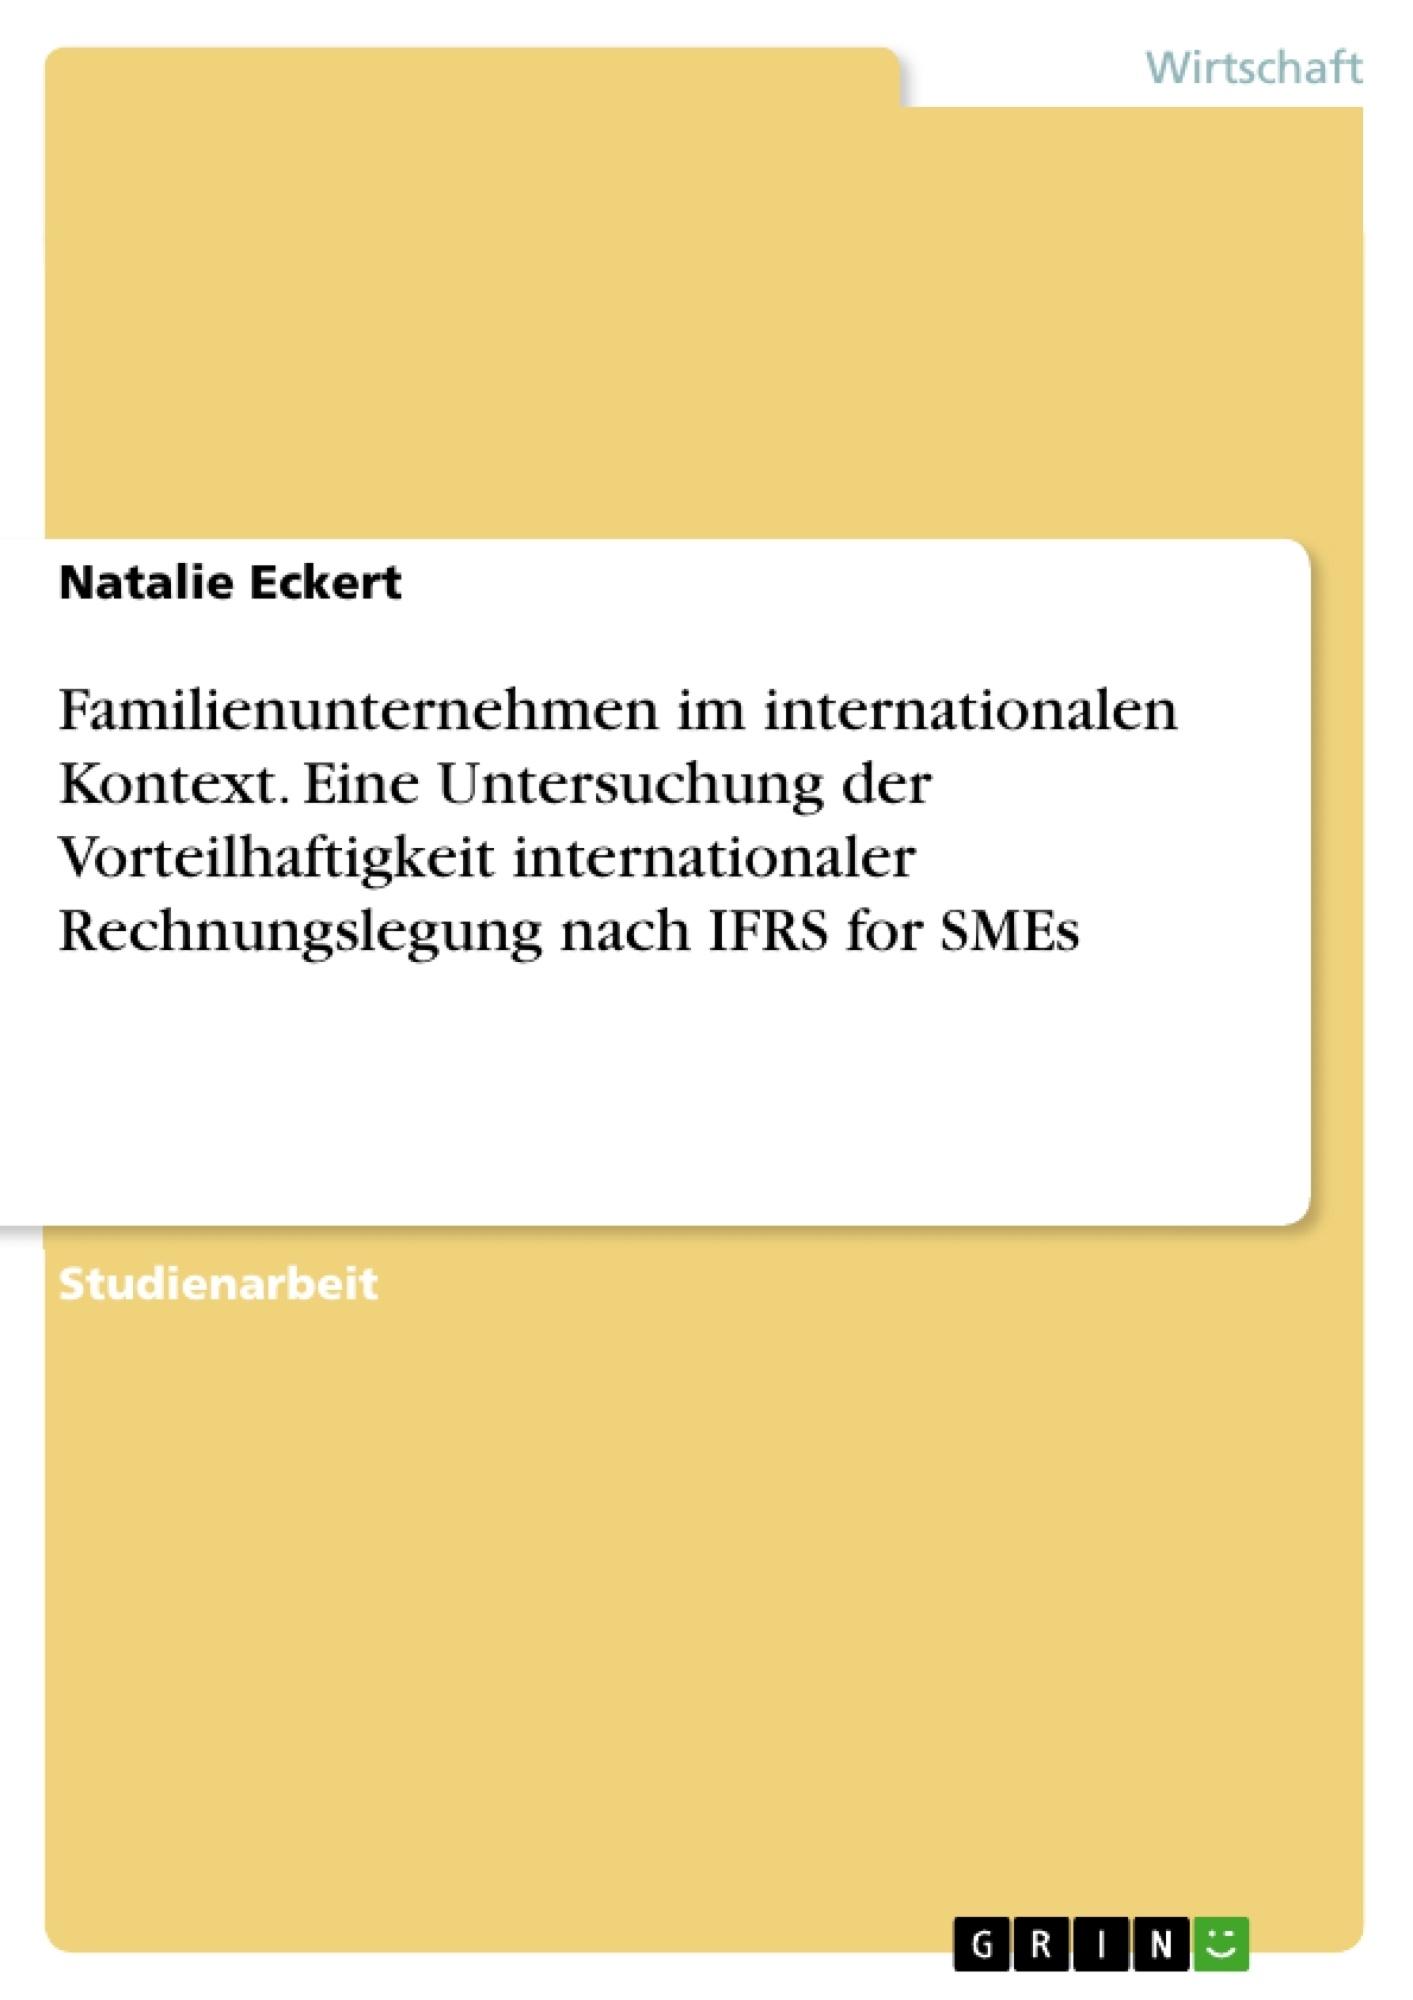 Titel: Familienunternehmen im internationalen Kontext. Eine Untersuchung der Vorteilhaftigkeit internationaler Rechnungslegung nach IFRS for SMEs